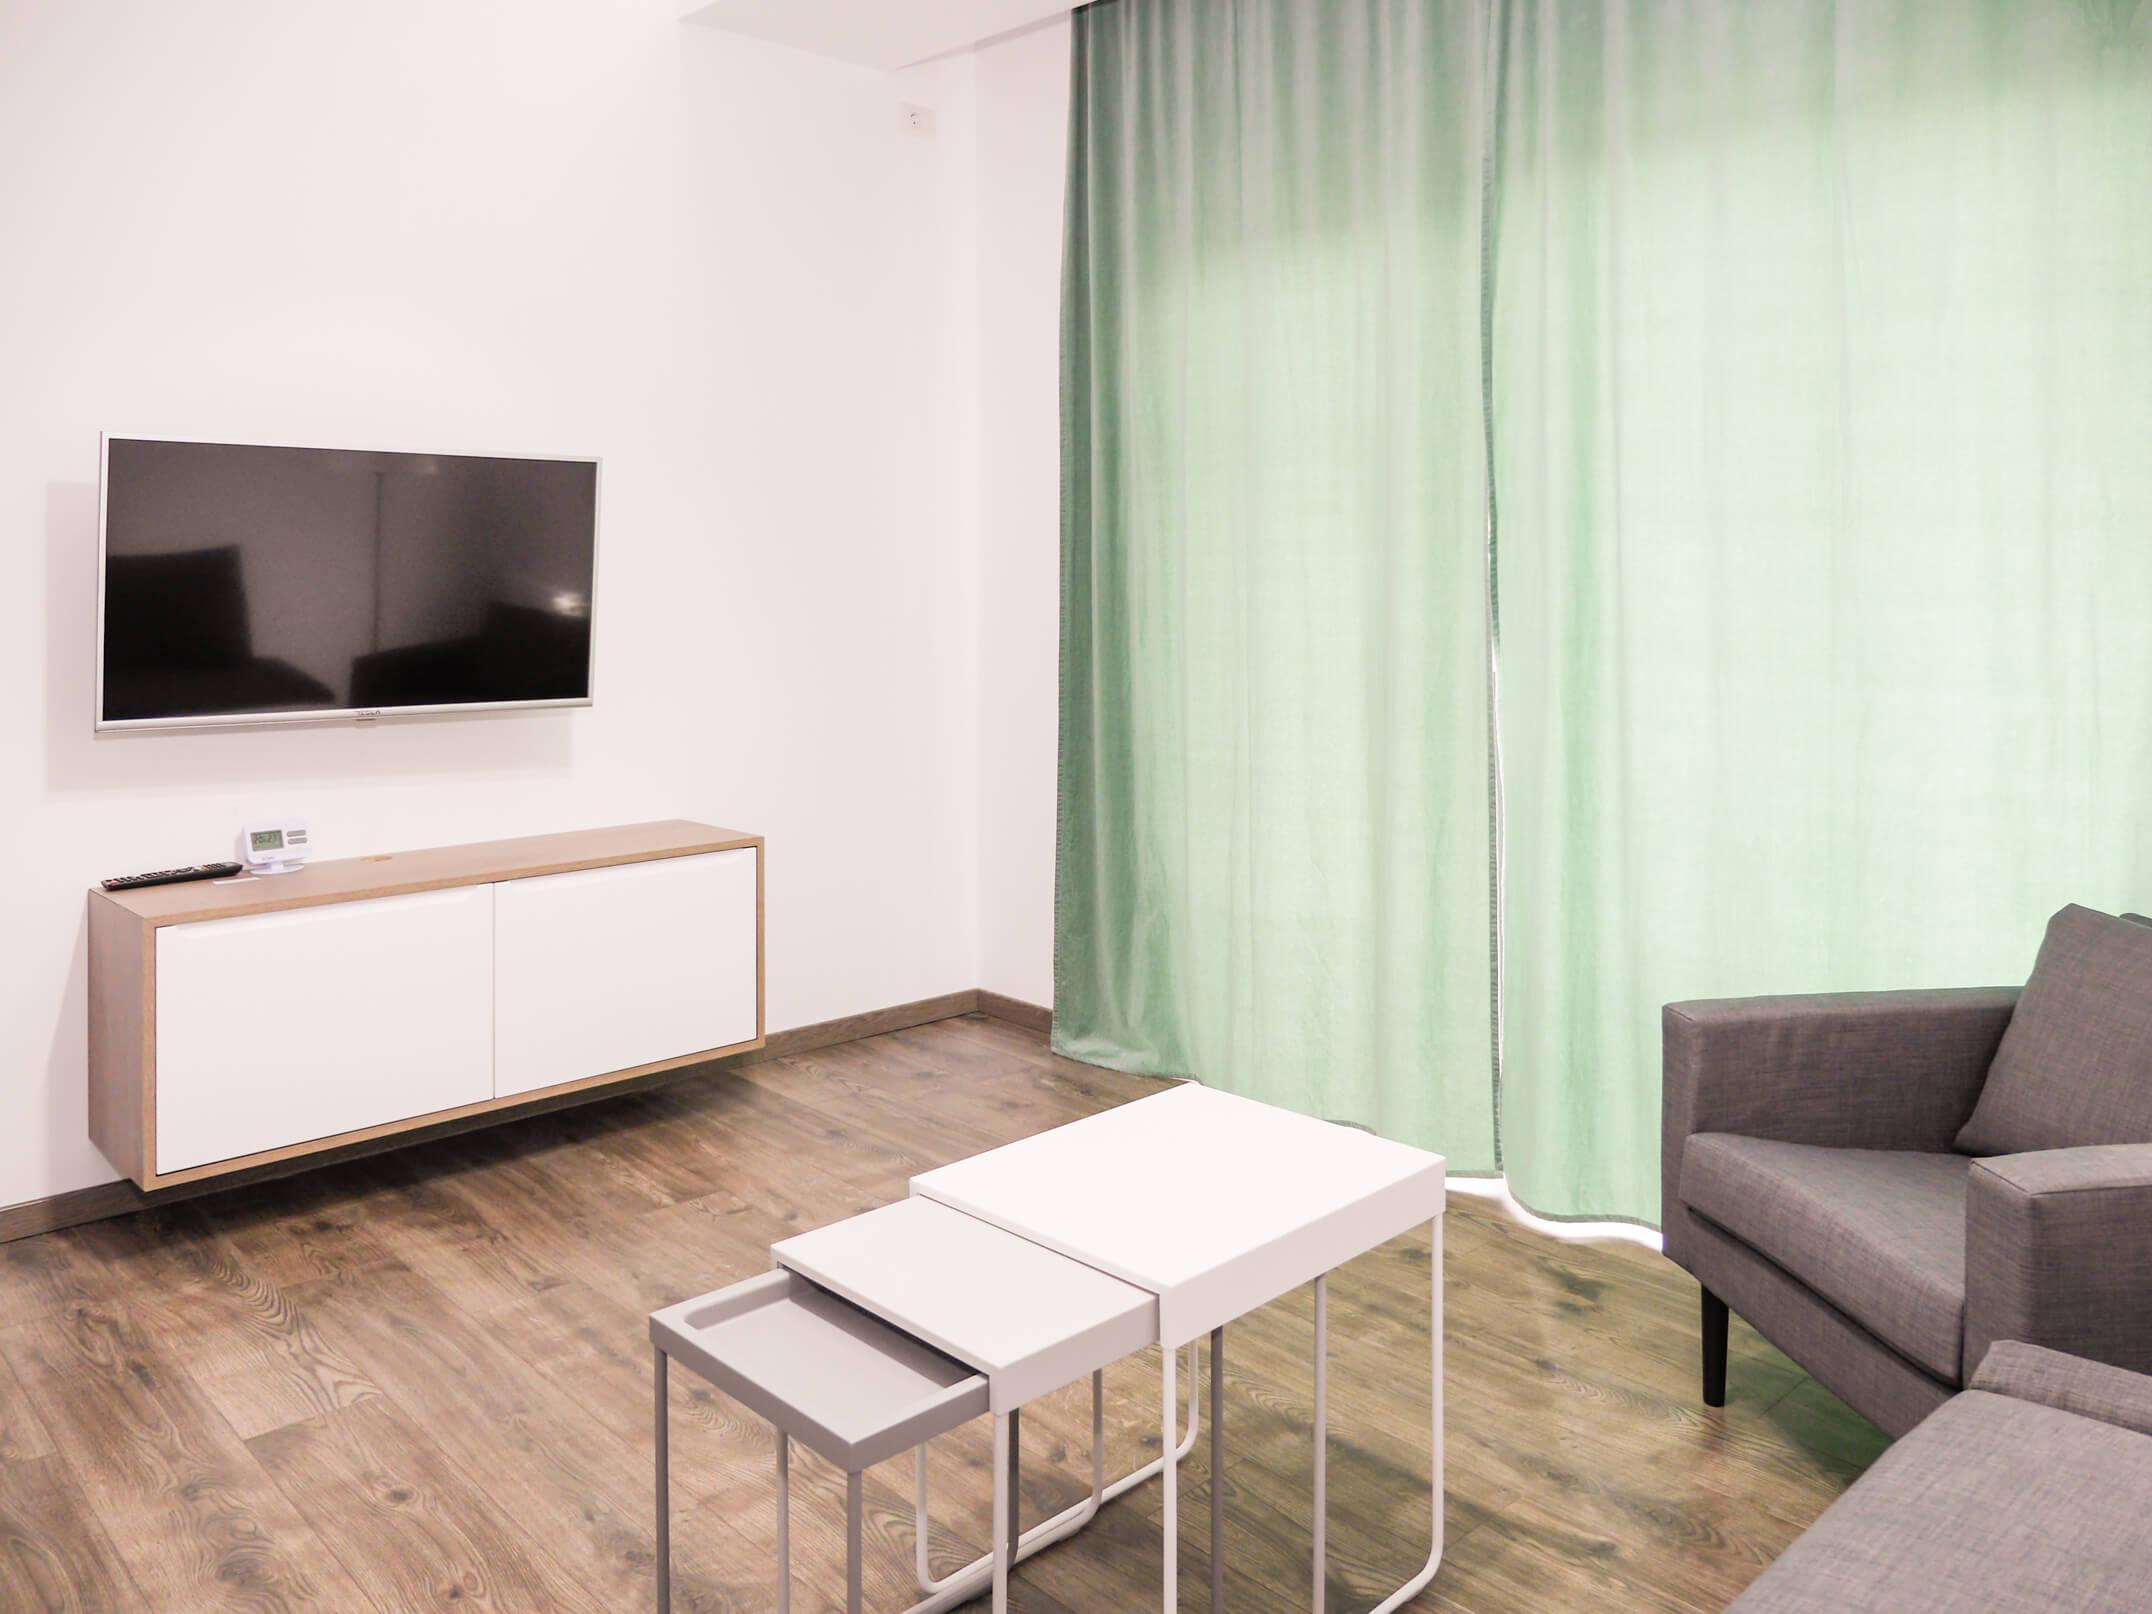 Clement Apartments - apartamente de inchiriat in regim hotelier - cazare neamt - cazare piatra neamt - apartament 8 (2)